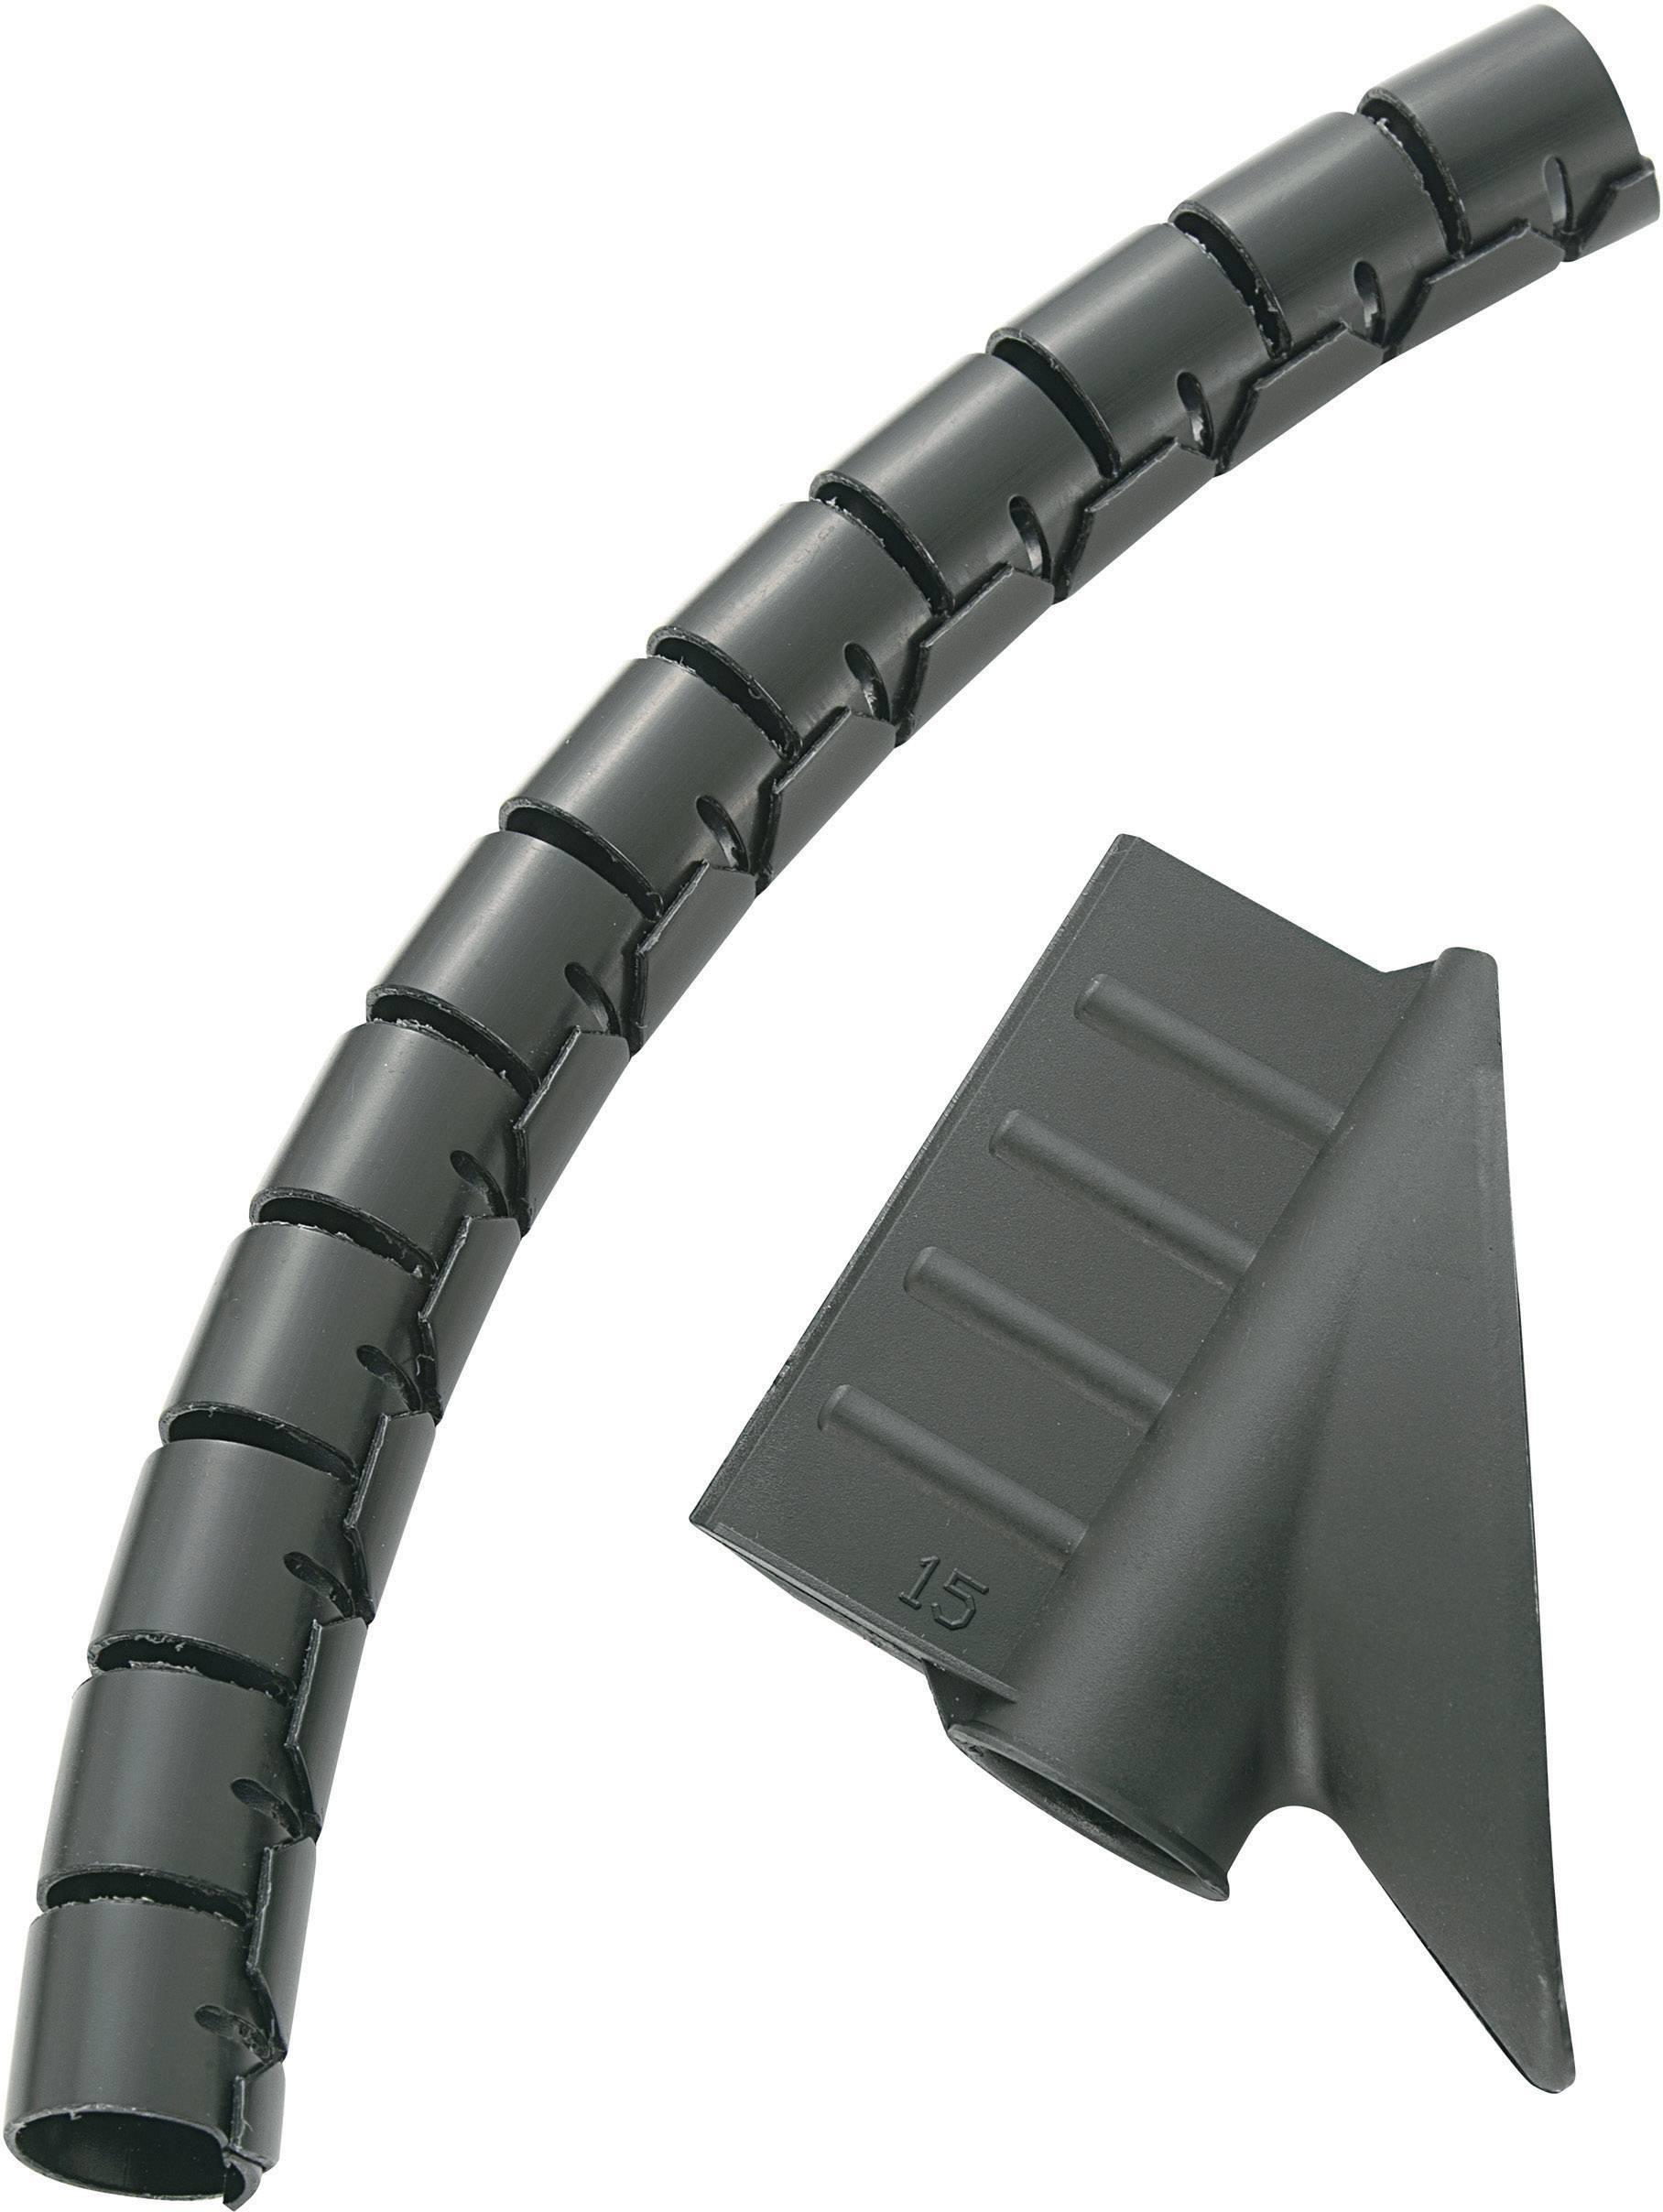 Káblový oplet KSS MX-KLT15BK 545359, čierna, 5 m